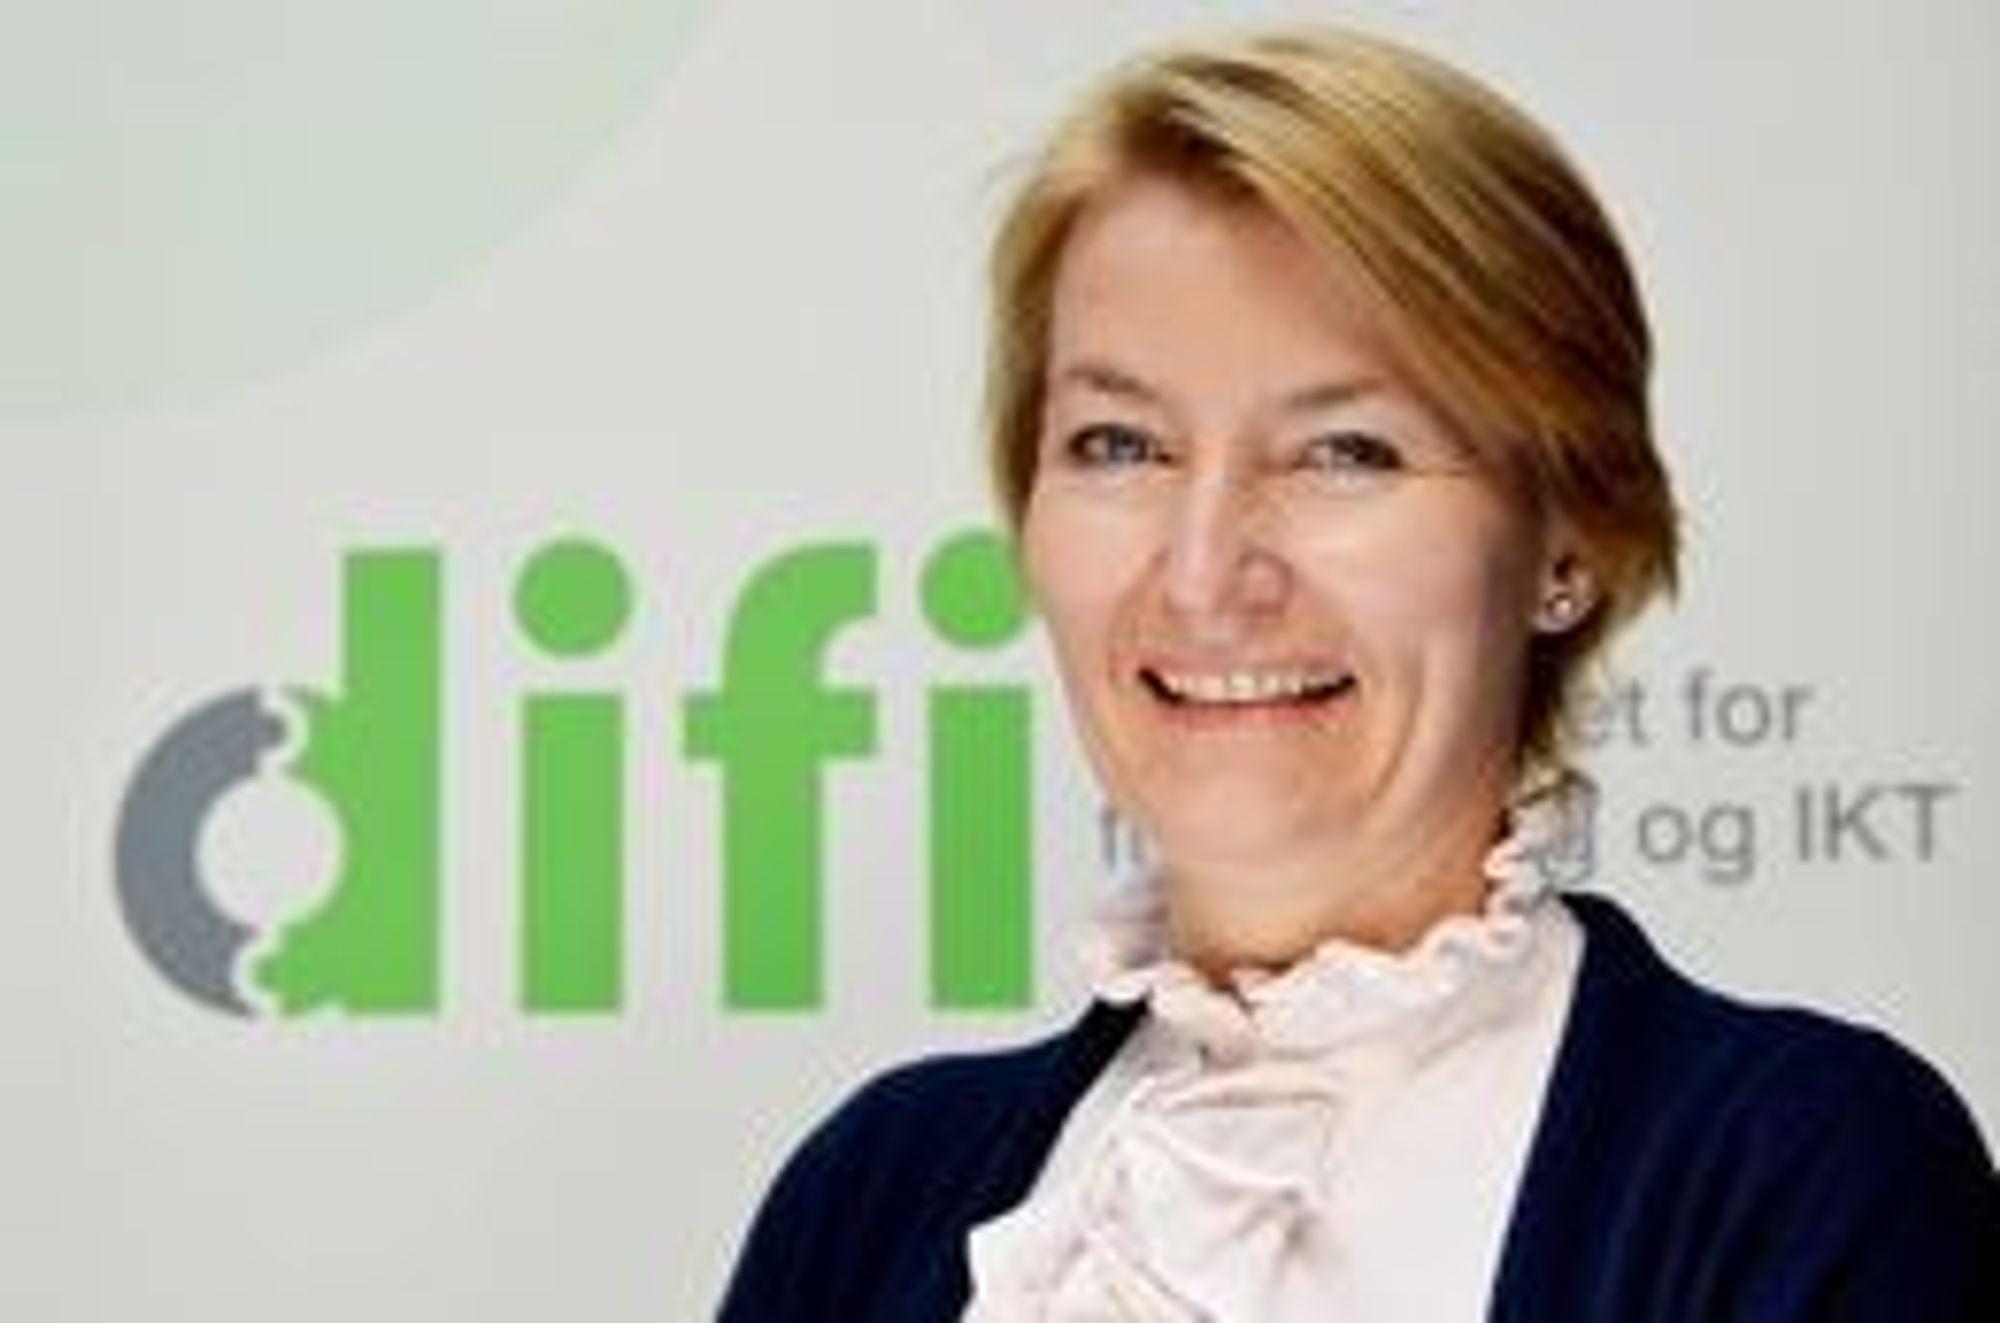 ENKELT: Vi er opptatt av at det skal være enkelt å reservere seg, sier fagdirektør Birgitte J. Egset i Difi.